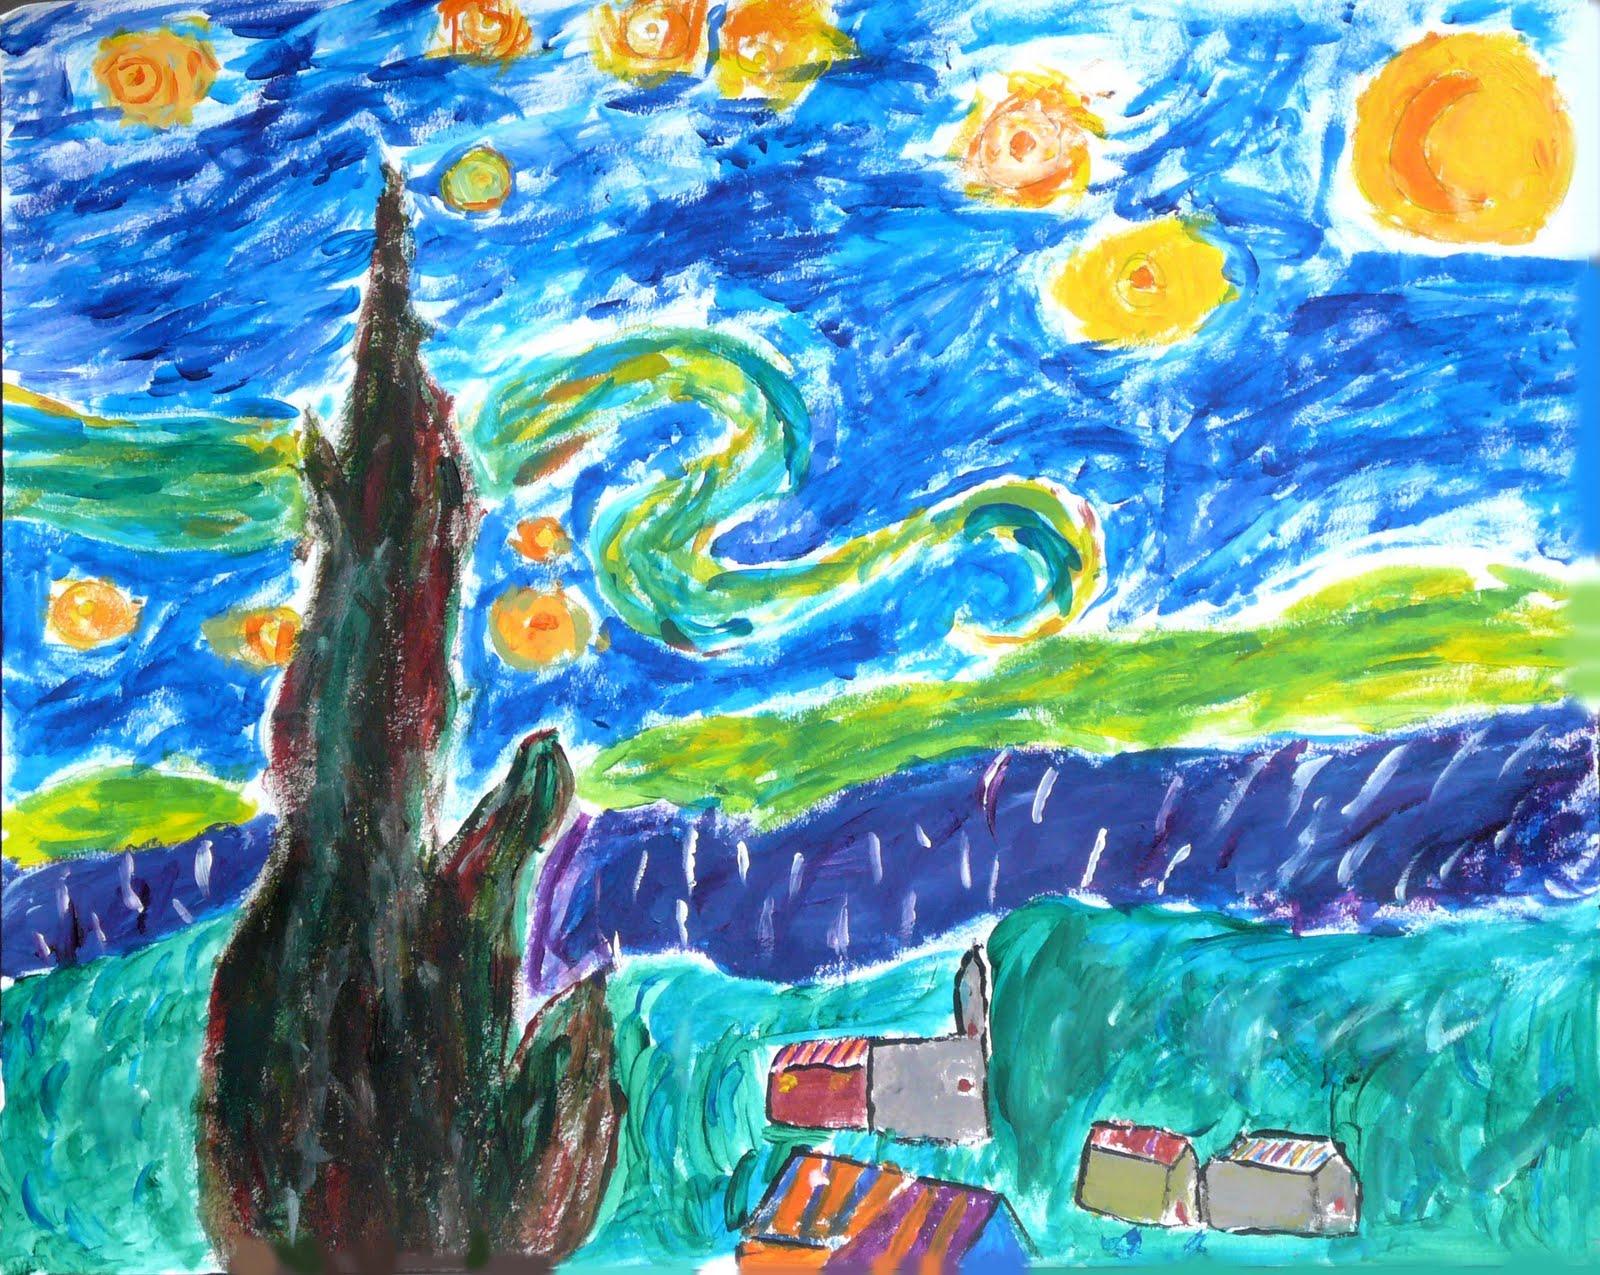 Papier Peint Phosphorescent Nuit Etoilee - Décoration murale nuit étoilée Amazon Cuisine & Maison